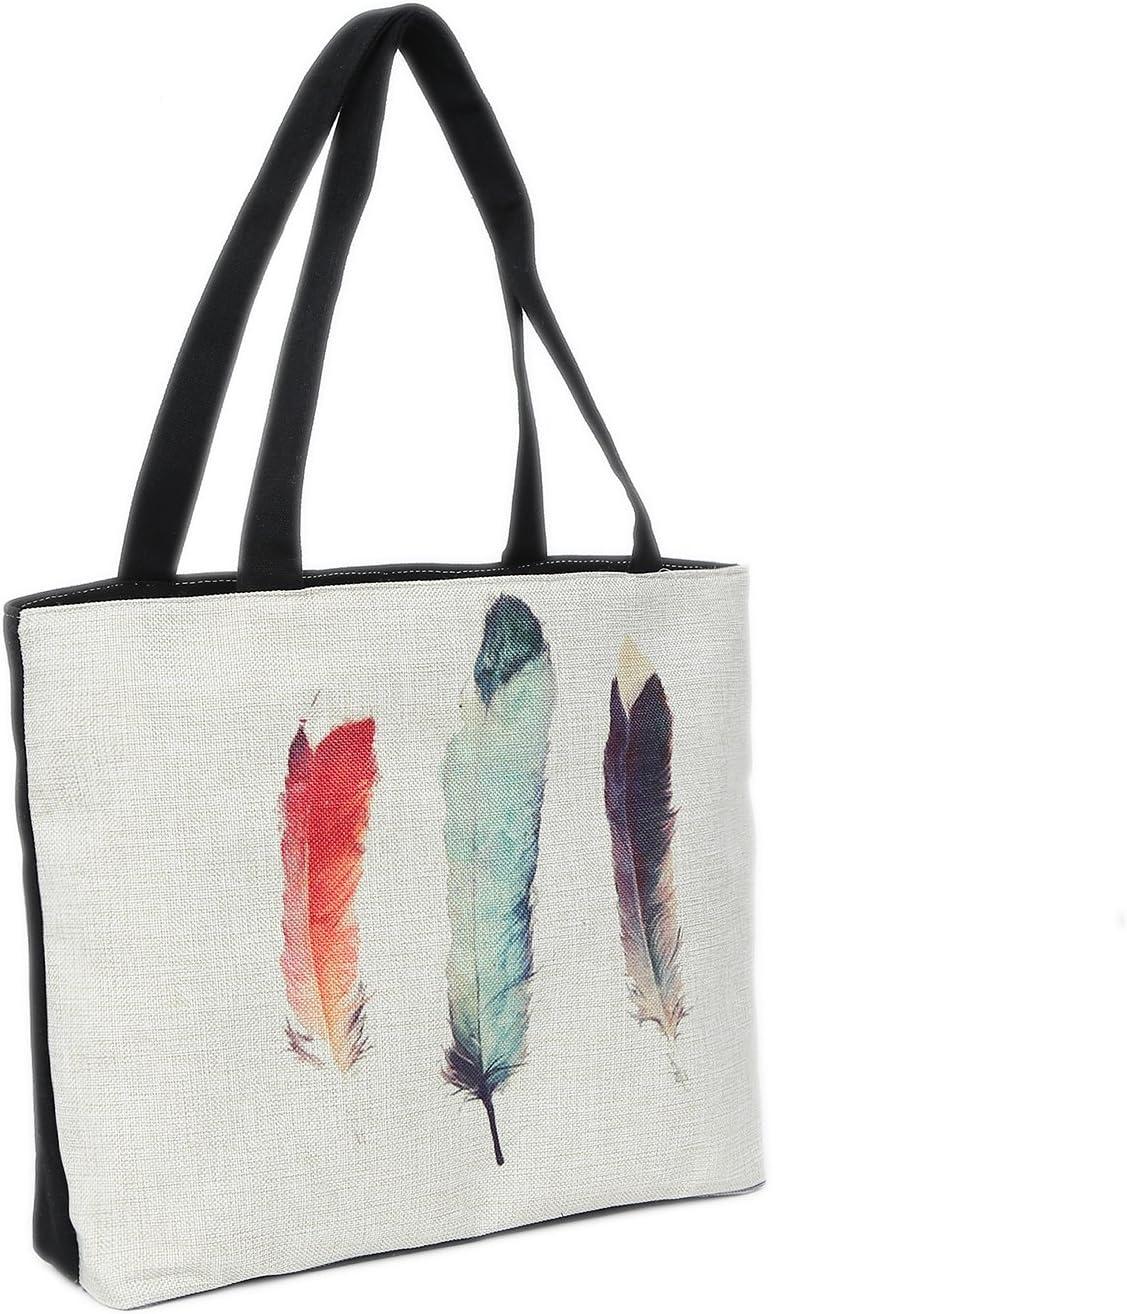 Bolsa de Playa 46 x 32 x 10 cm Motivo Plumas Color Natural-Yute Shopper Bolsa de Hombro Estilo de Segunda Mano